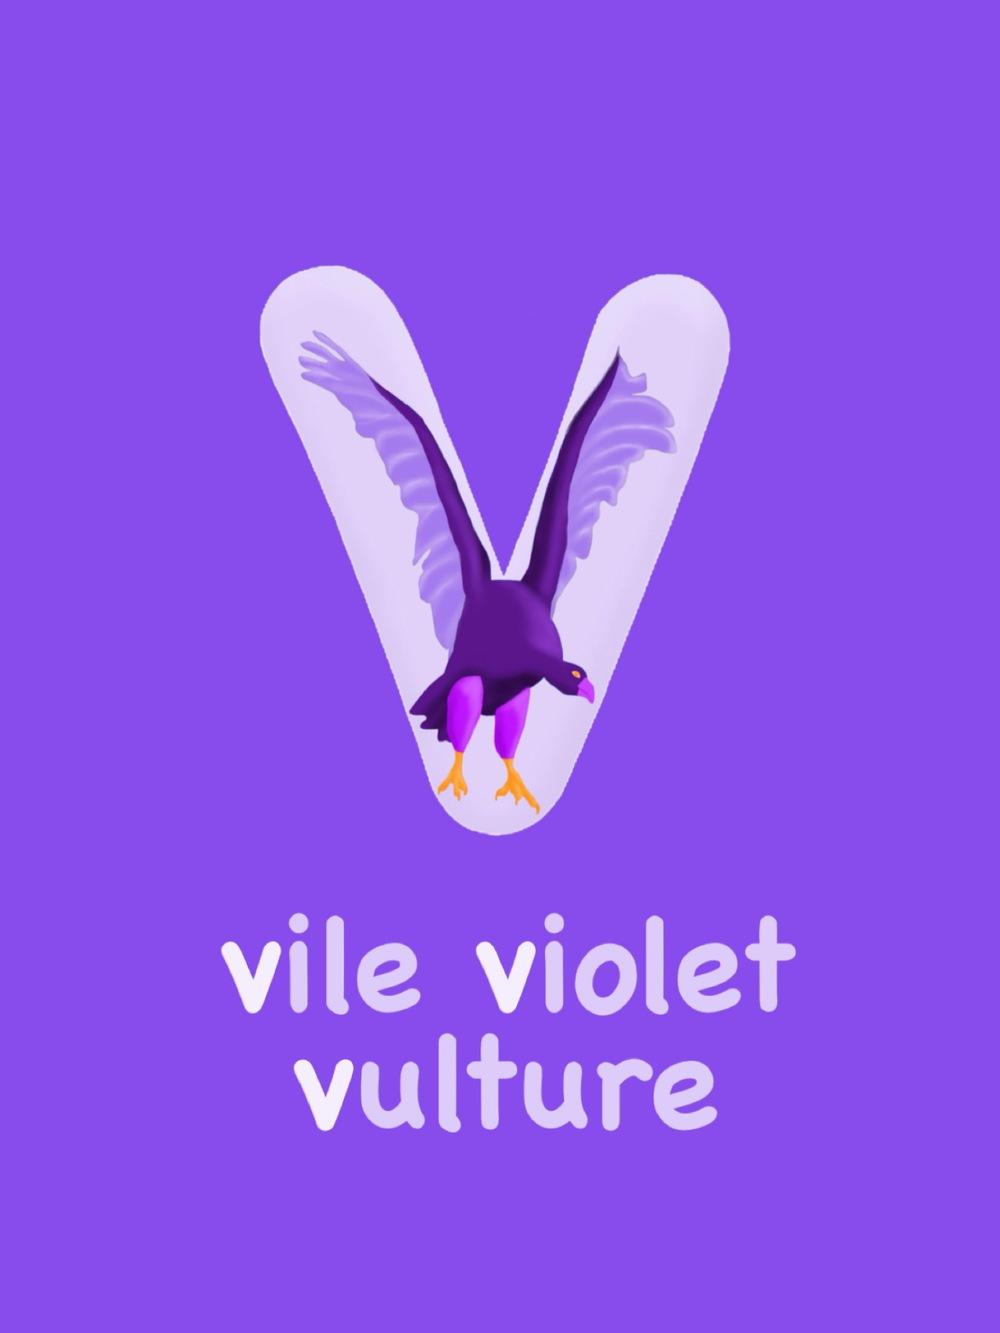 Letter V - Vile Violet Vulture